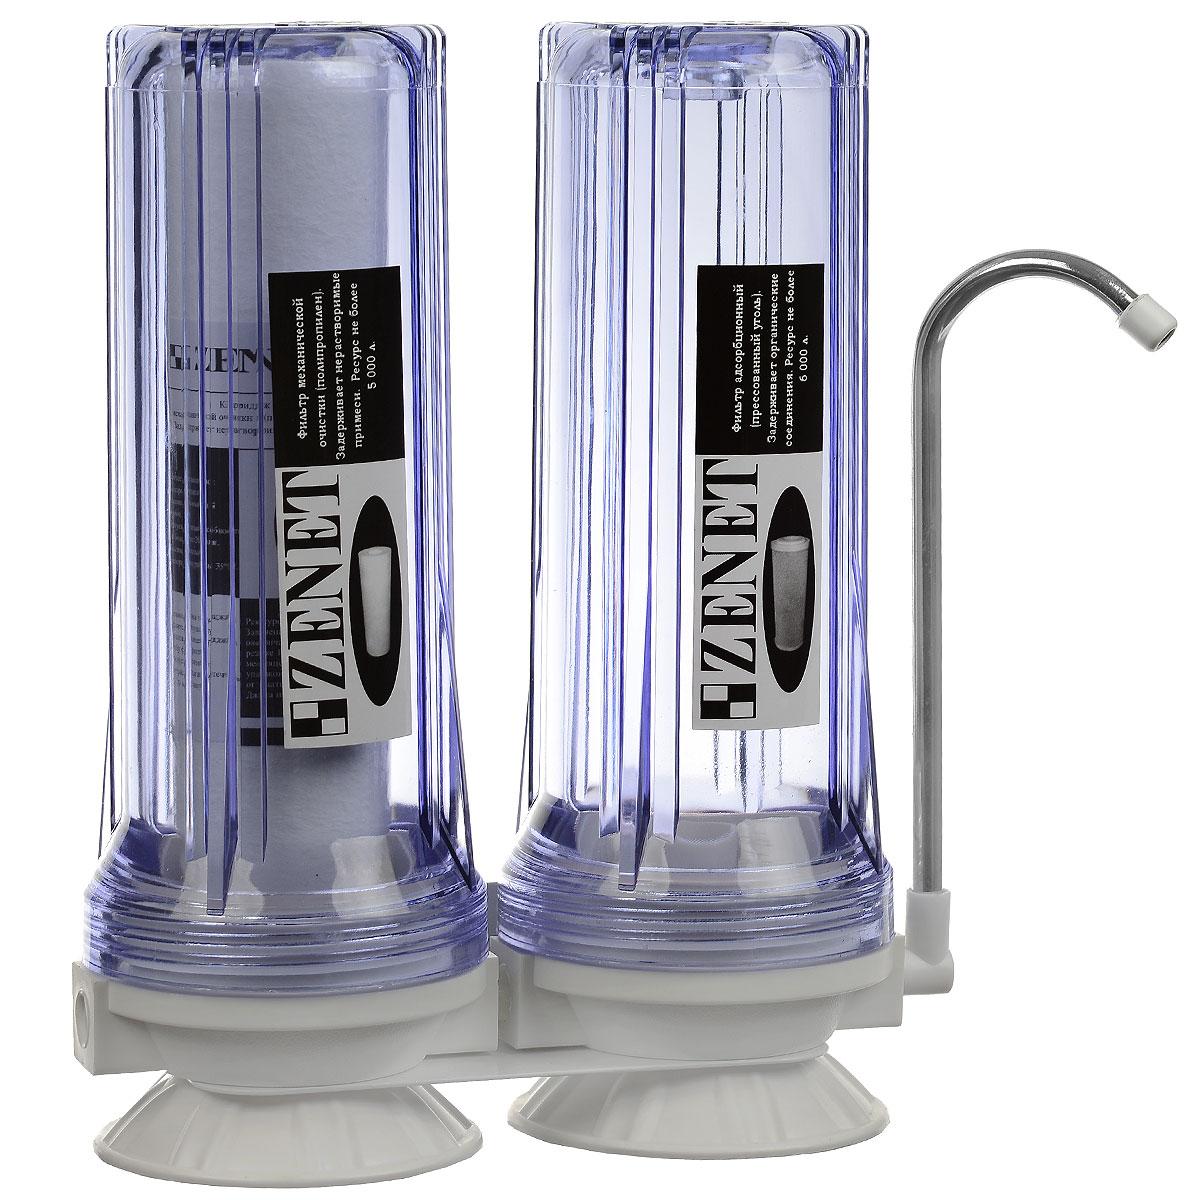 Фильтр для воды Zenet NT-2BL505Фильтр для очистки питьевой воды Zenet NT-2 - это максимально практичный прибор высокого класса, который осуществляет двухступенчатую фильтрацию жидкости, что приводит к удалению из воды нерастворимых примесей, хлора, пестицидов, органических соединений. Изделие характеризуется непревзойденной поглощающей способностью, подсоединяется к крану быстро и очень легко - с помощью универсального адаптера. Устройство широко применяется в быту, с его помощью вы сможете дочищать питьевую воду до экологически чистого состояния. Ступени очистки воды: 1 ступень - механическая очистка от нерастворимых примесей; 2 ступень - очистка от хлора, хлорсодержащих соединений, пестицидов, гербицидов и органических соединений. Скорость очистки: 1,5 л/мин. Рабочее давление: 1-4 атмосфер. Температура очищенной воды: от 4°С до 35°С. Ресурс угольного картриджа GAС, CBC: до 6000 л. Взвешенные примеси: до 99%.Тяжёлые и радиоактивные металлы: до 99%.Активный хлор: до 99%.Органические соединения: до 99 %.Нефтепродукты: до 99%.Микроорганизмы кишечная палочка: до 99%. Размеры: 13 см х 26 см х 33 см. Вес: 3 кг.